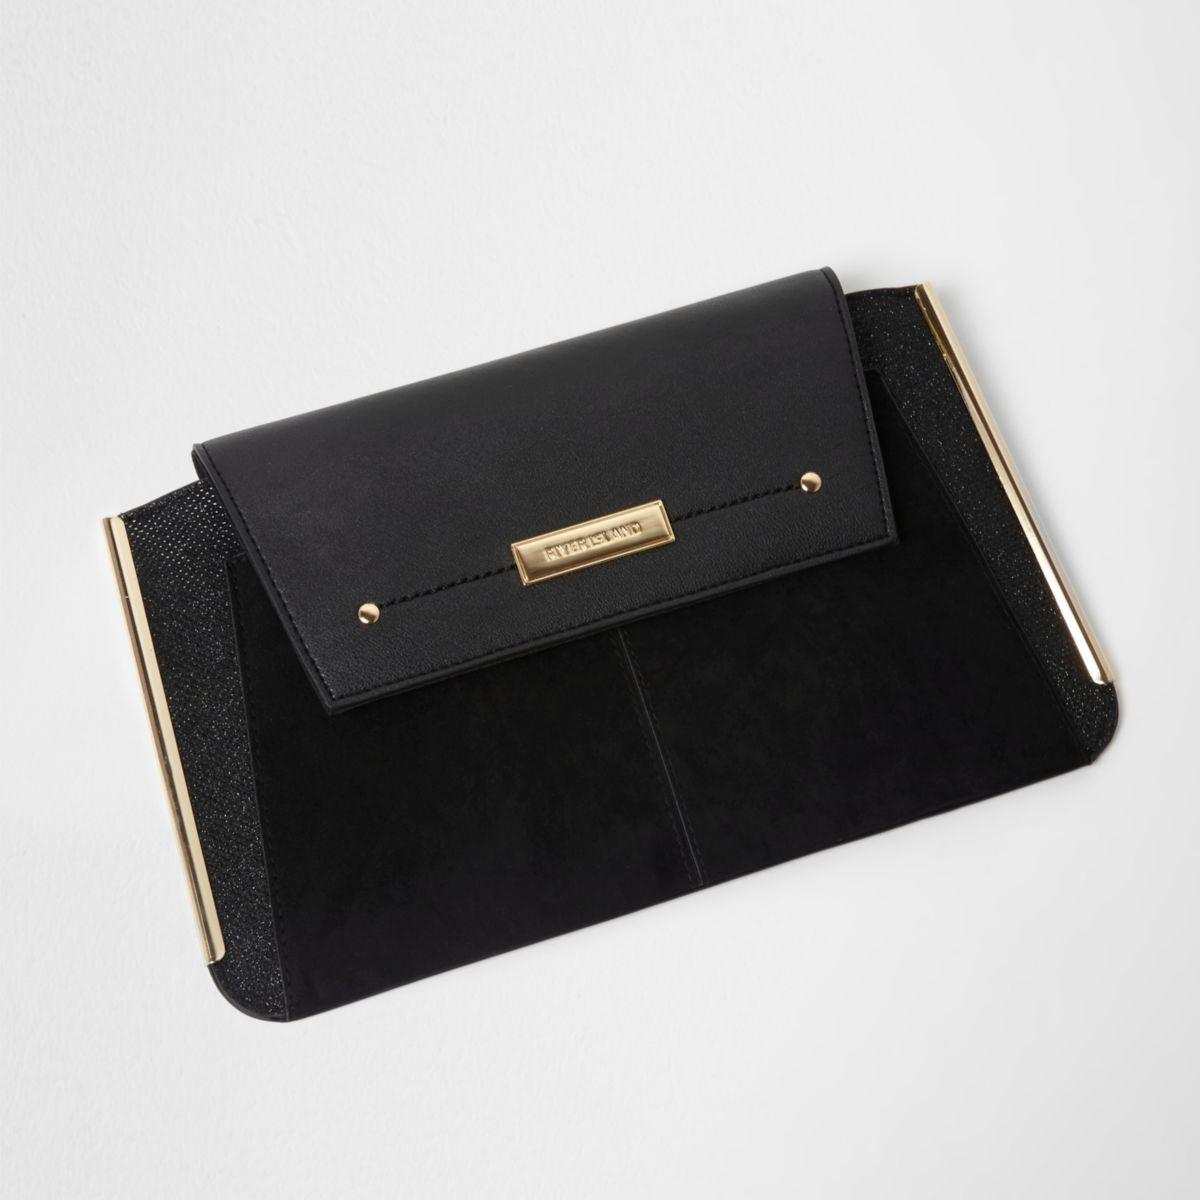 Pochette noire avec barre latérale métallique